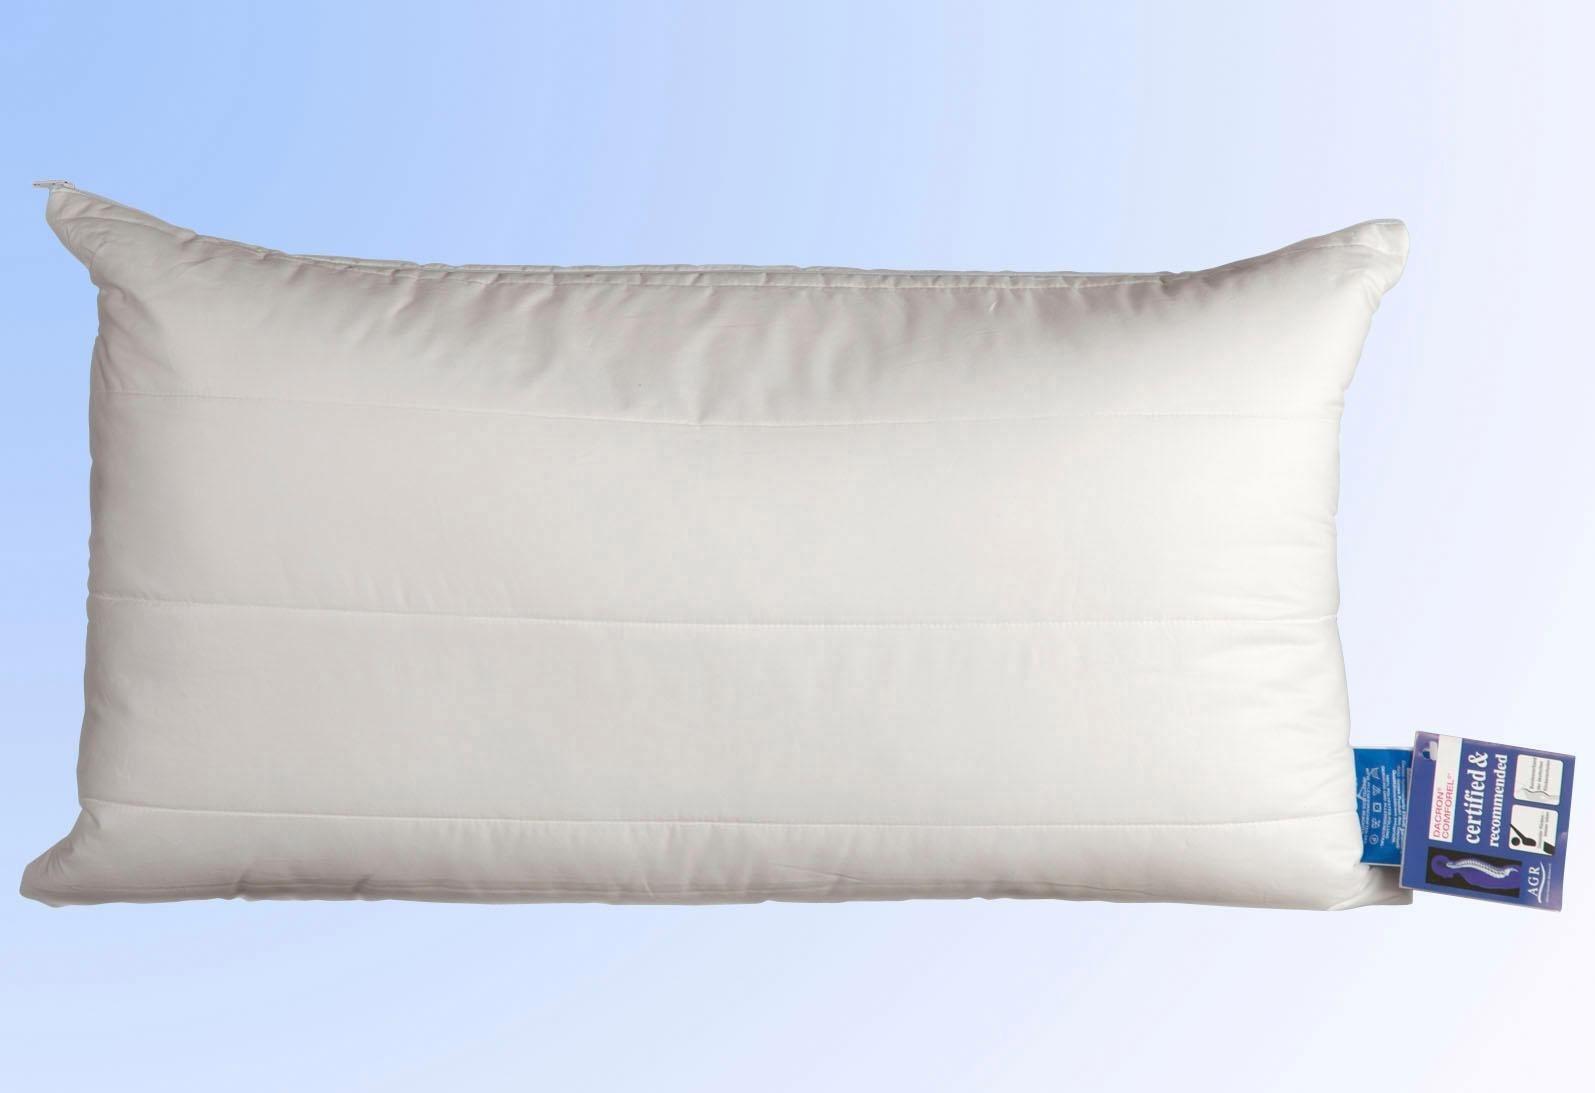 kopfkissen gegen nackenverspannungen wei es schlafzimmer gem tlich gestalten zu trockene luft. Black Bedroom Furniture Sets. Home Design Ideas